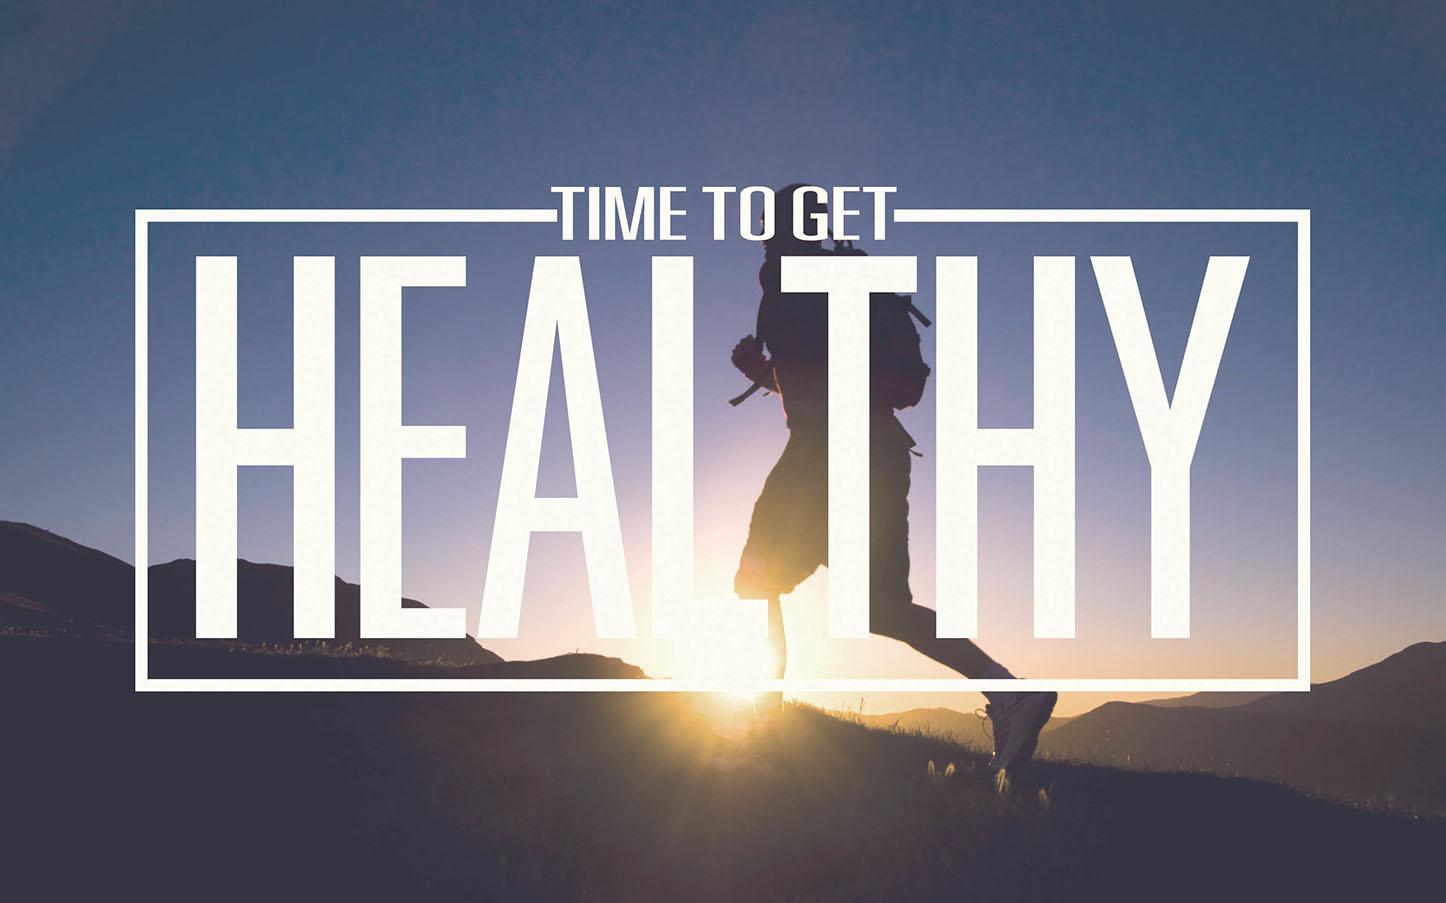 HealthyFit_sized.jpg